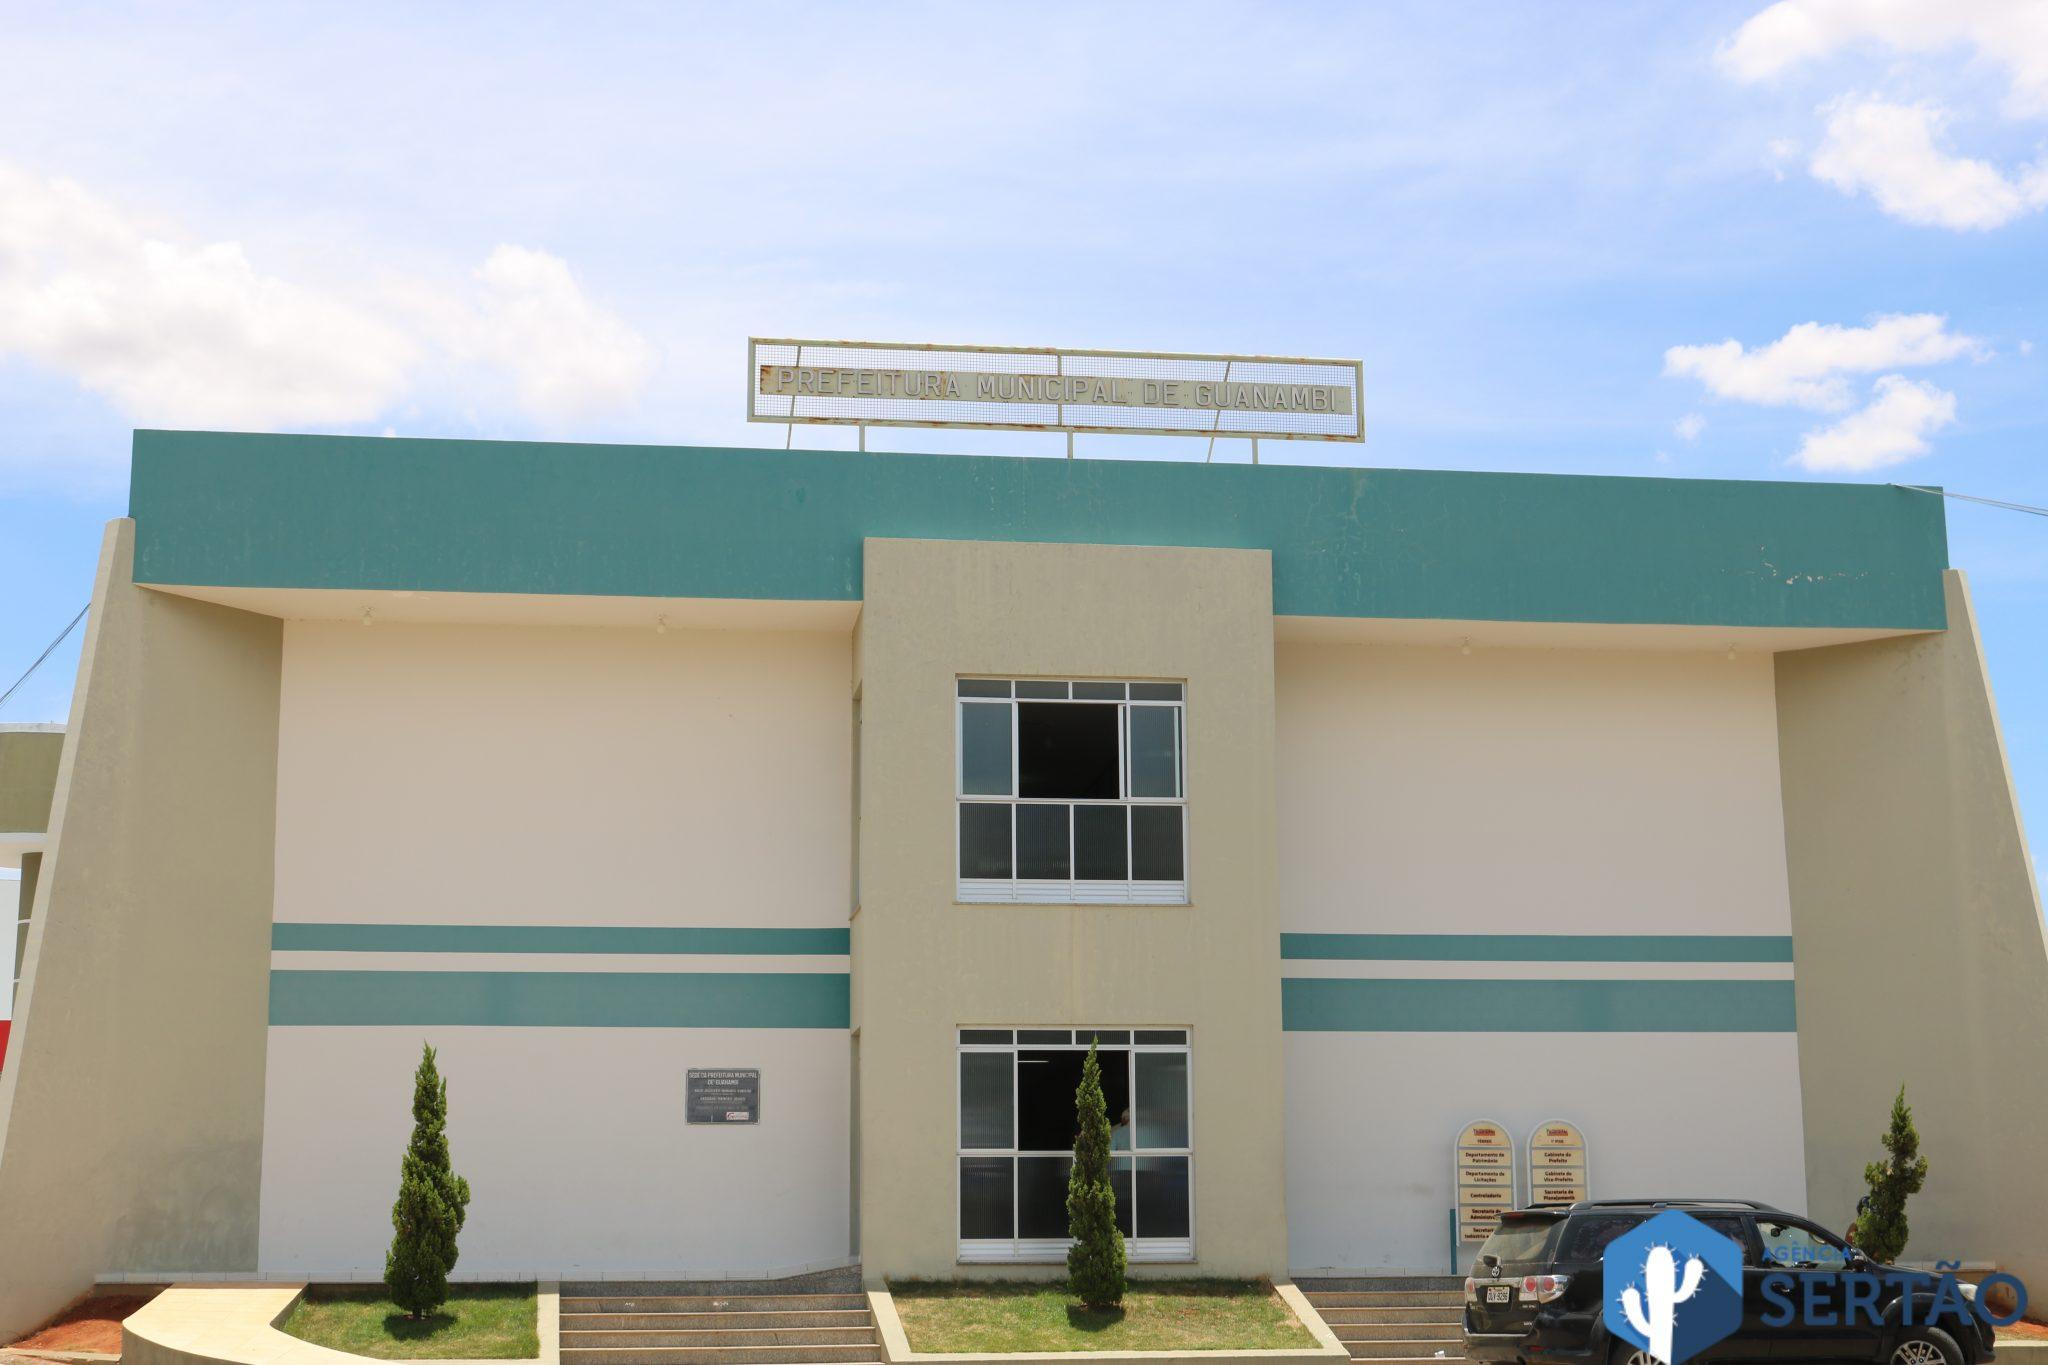 TCM aprova contas da Prefeitura de Guanambi, prefeito foi multado em R$ 7 mil - Agência Sertão